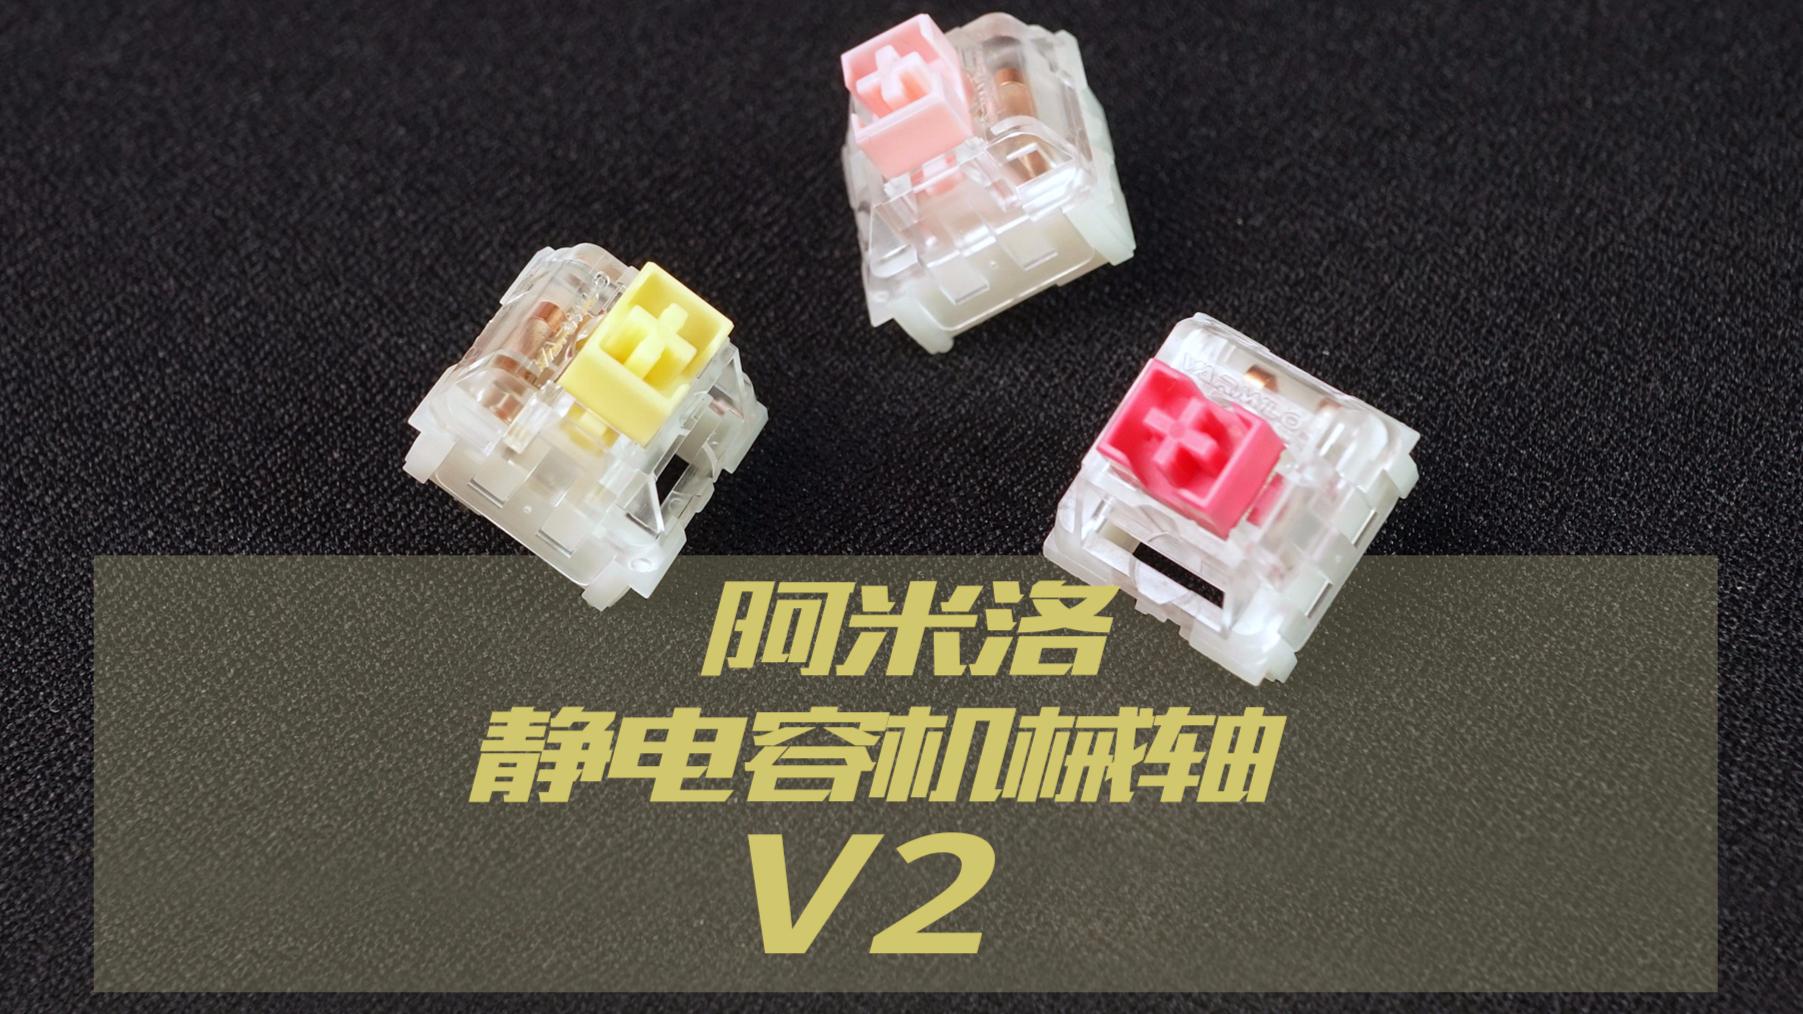 静电容键盘也能有机械手感,阿米洛静电容机械轴V2上手